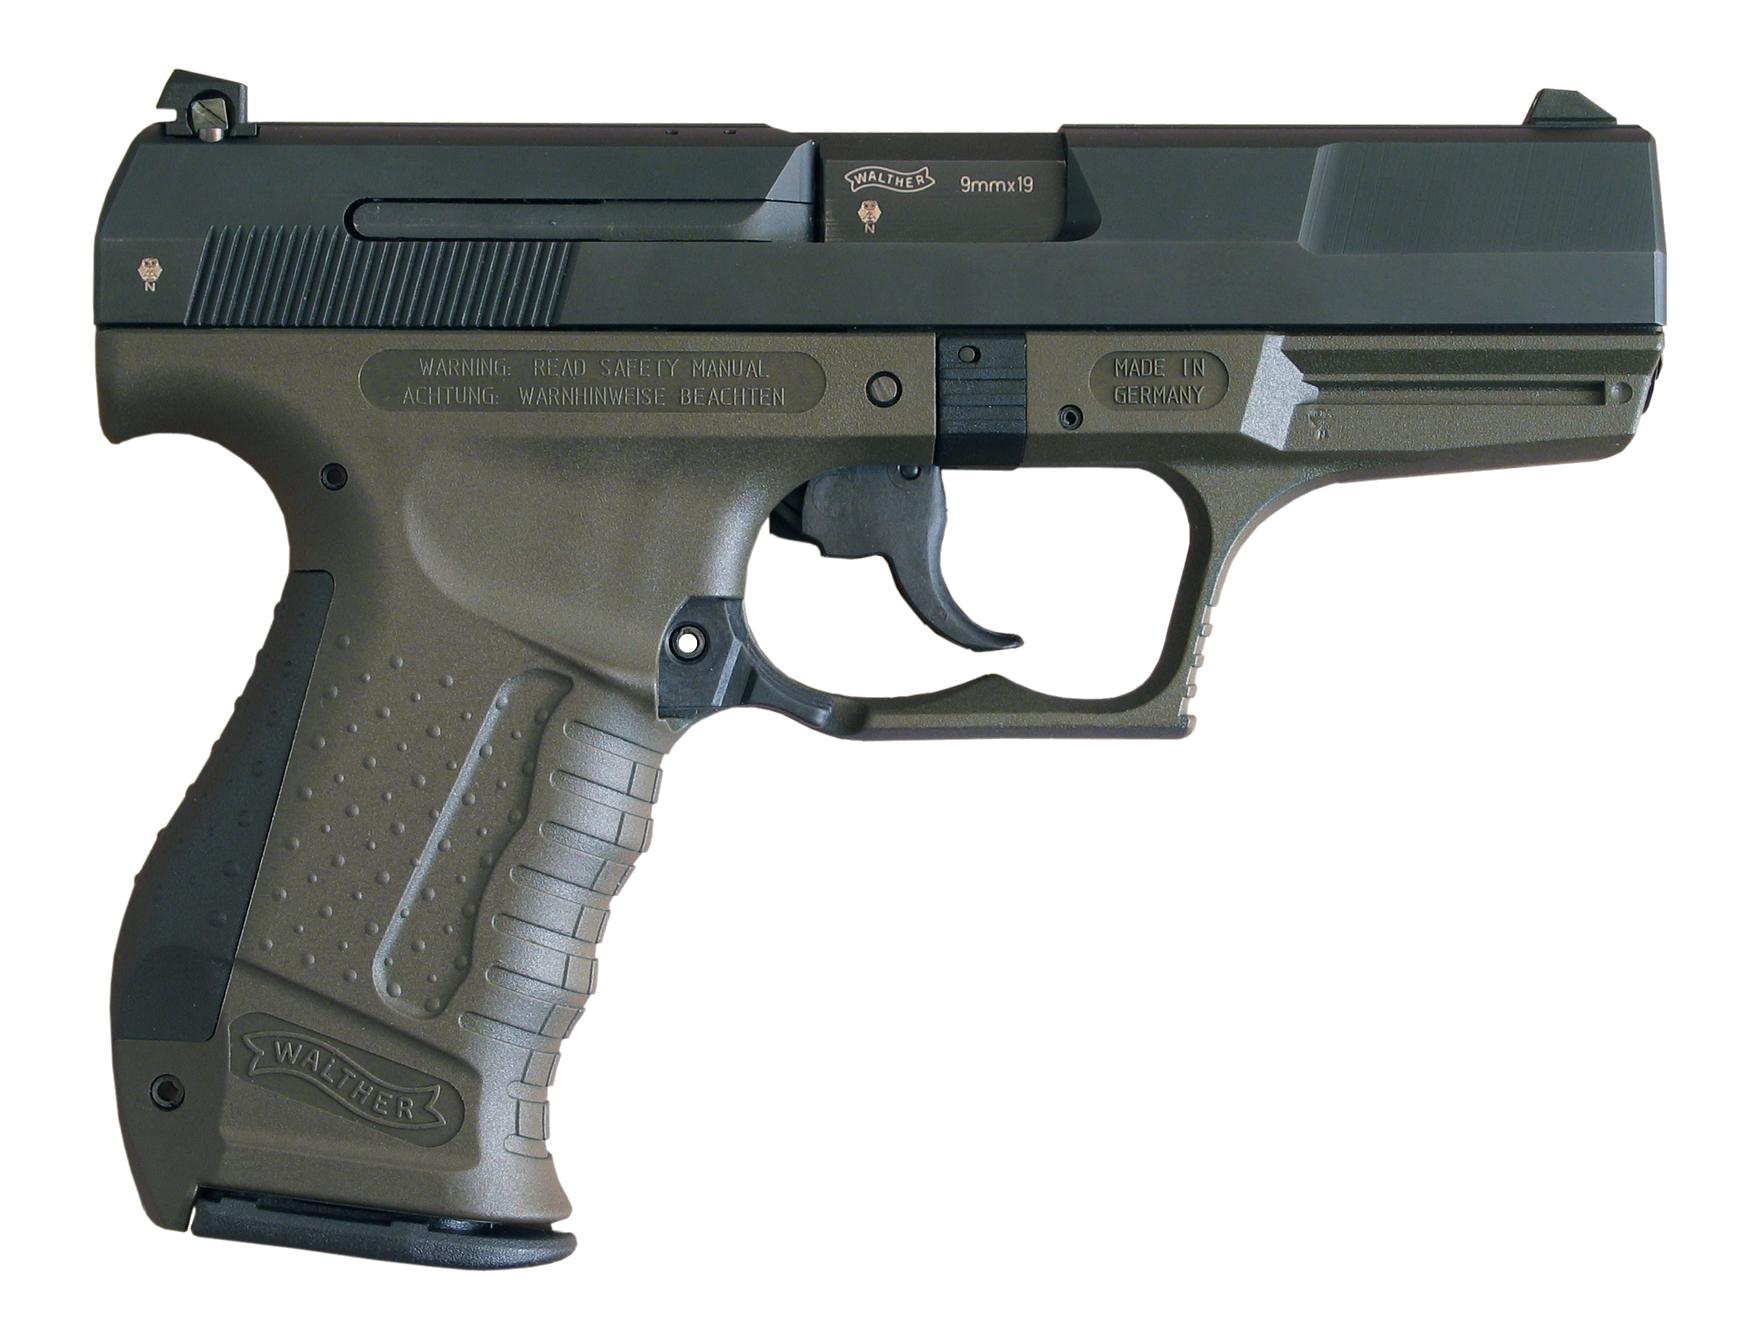 بالصور صور اسلحه صور اقوى اسلحه , صور رشاش سلاح 3758